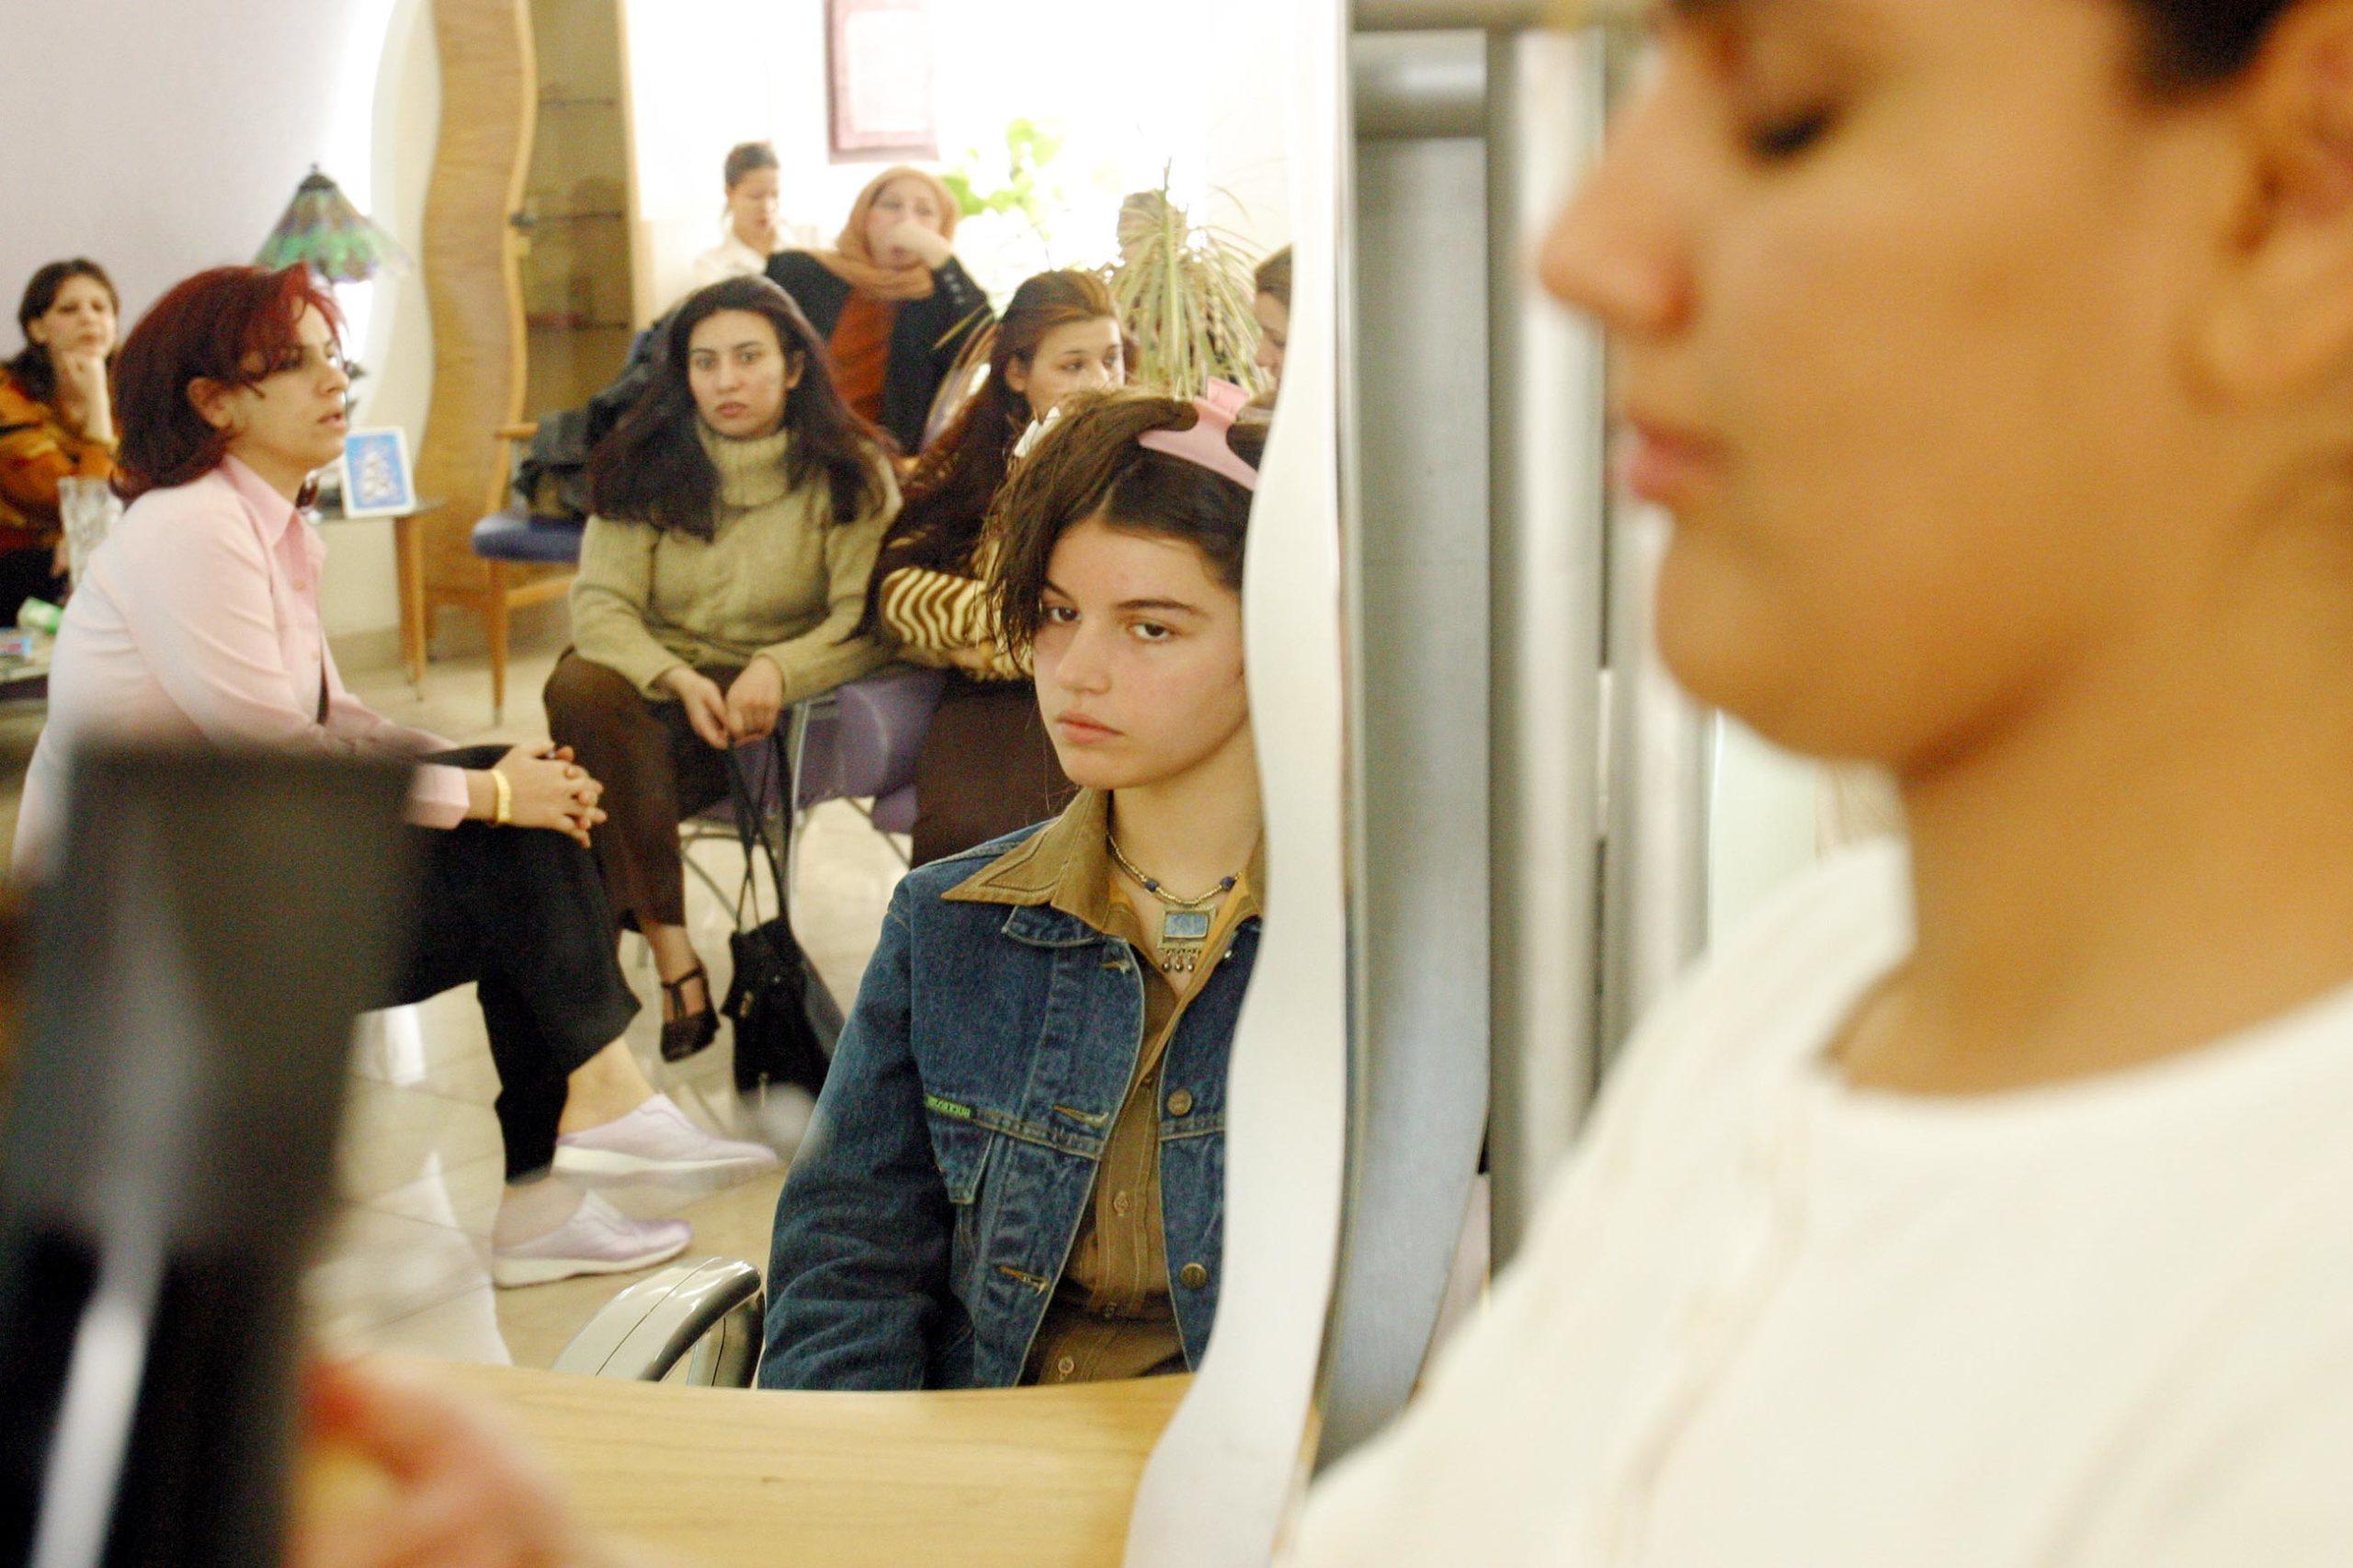 gettyimages 576839382 scaled - <b>Українка поїхала до Іраку працювати манікюрницею, потрапила в трудове рабство й померла від коронавірусу</b> - Заборона